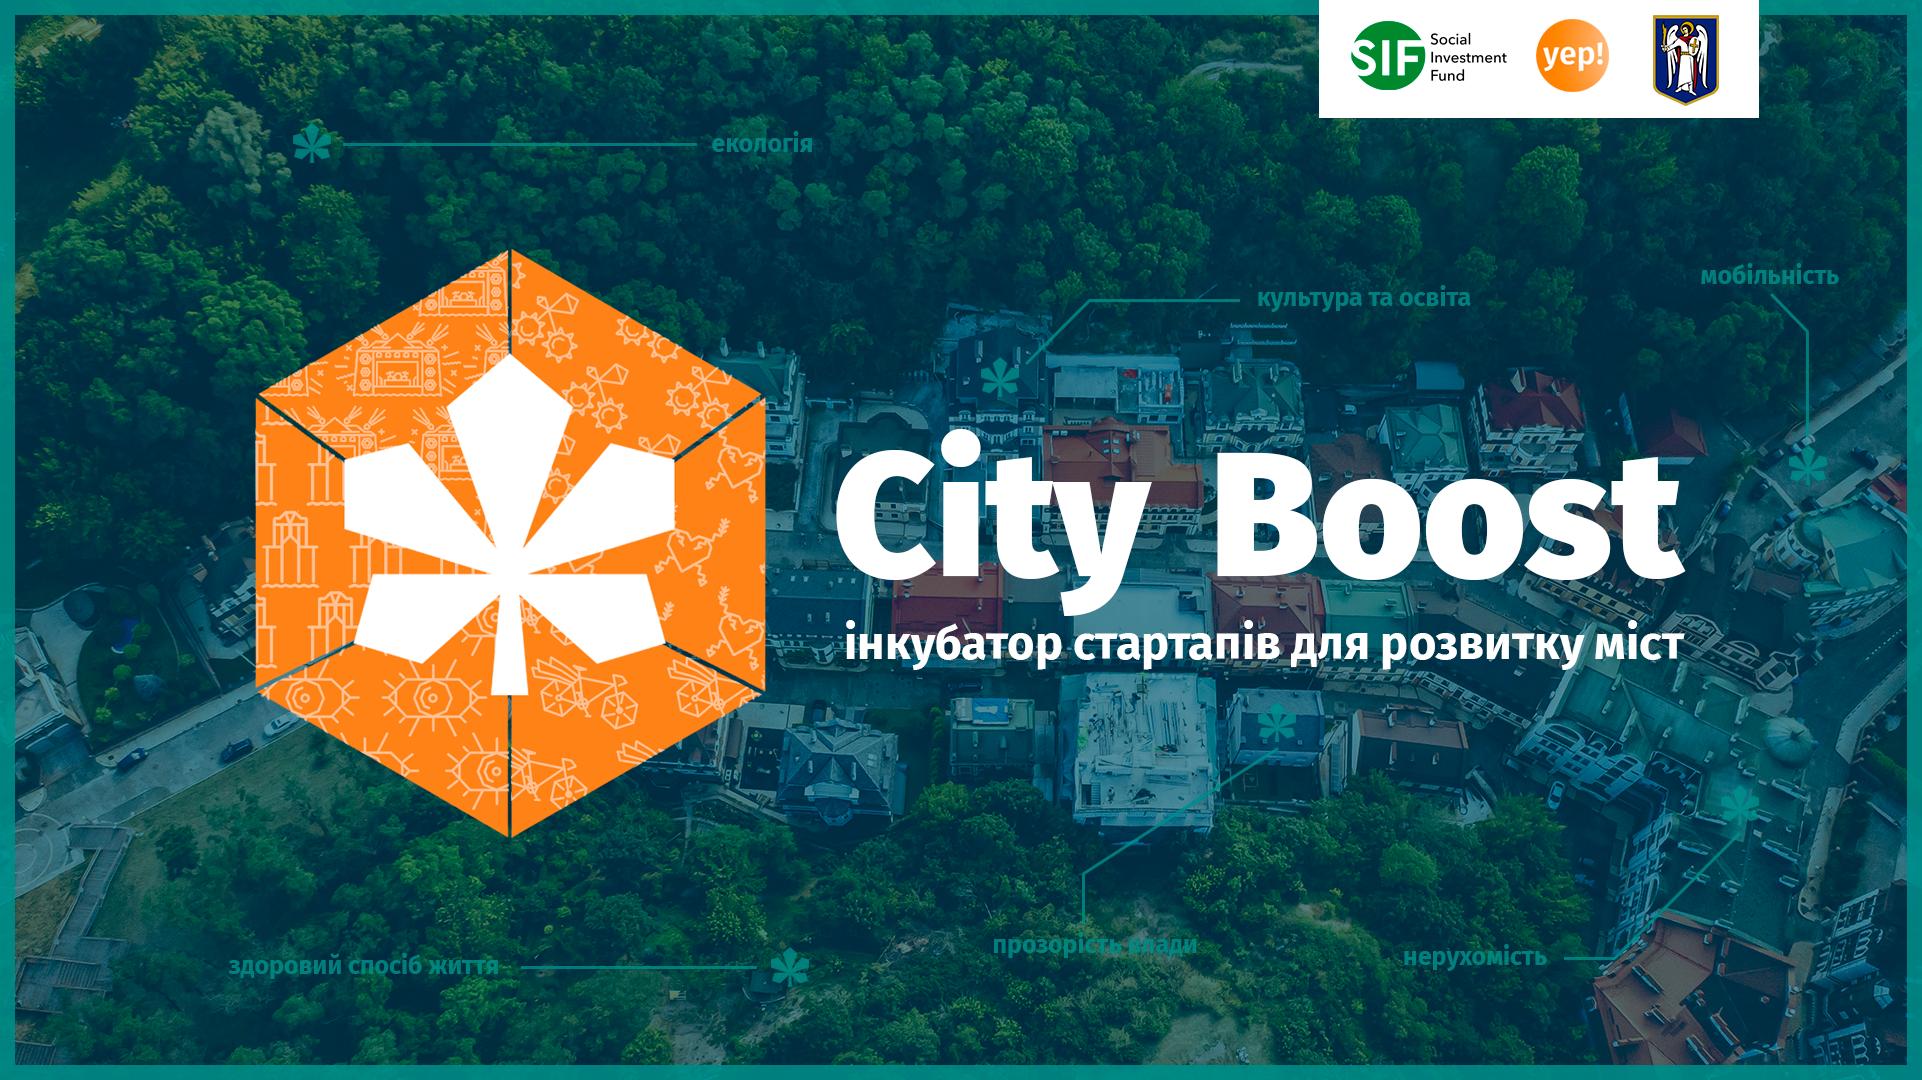 Фонд підтримки інновацій Social Investment Fund оголошує набір на City Boost